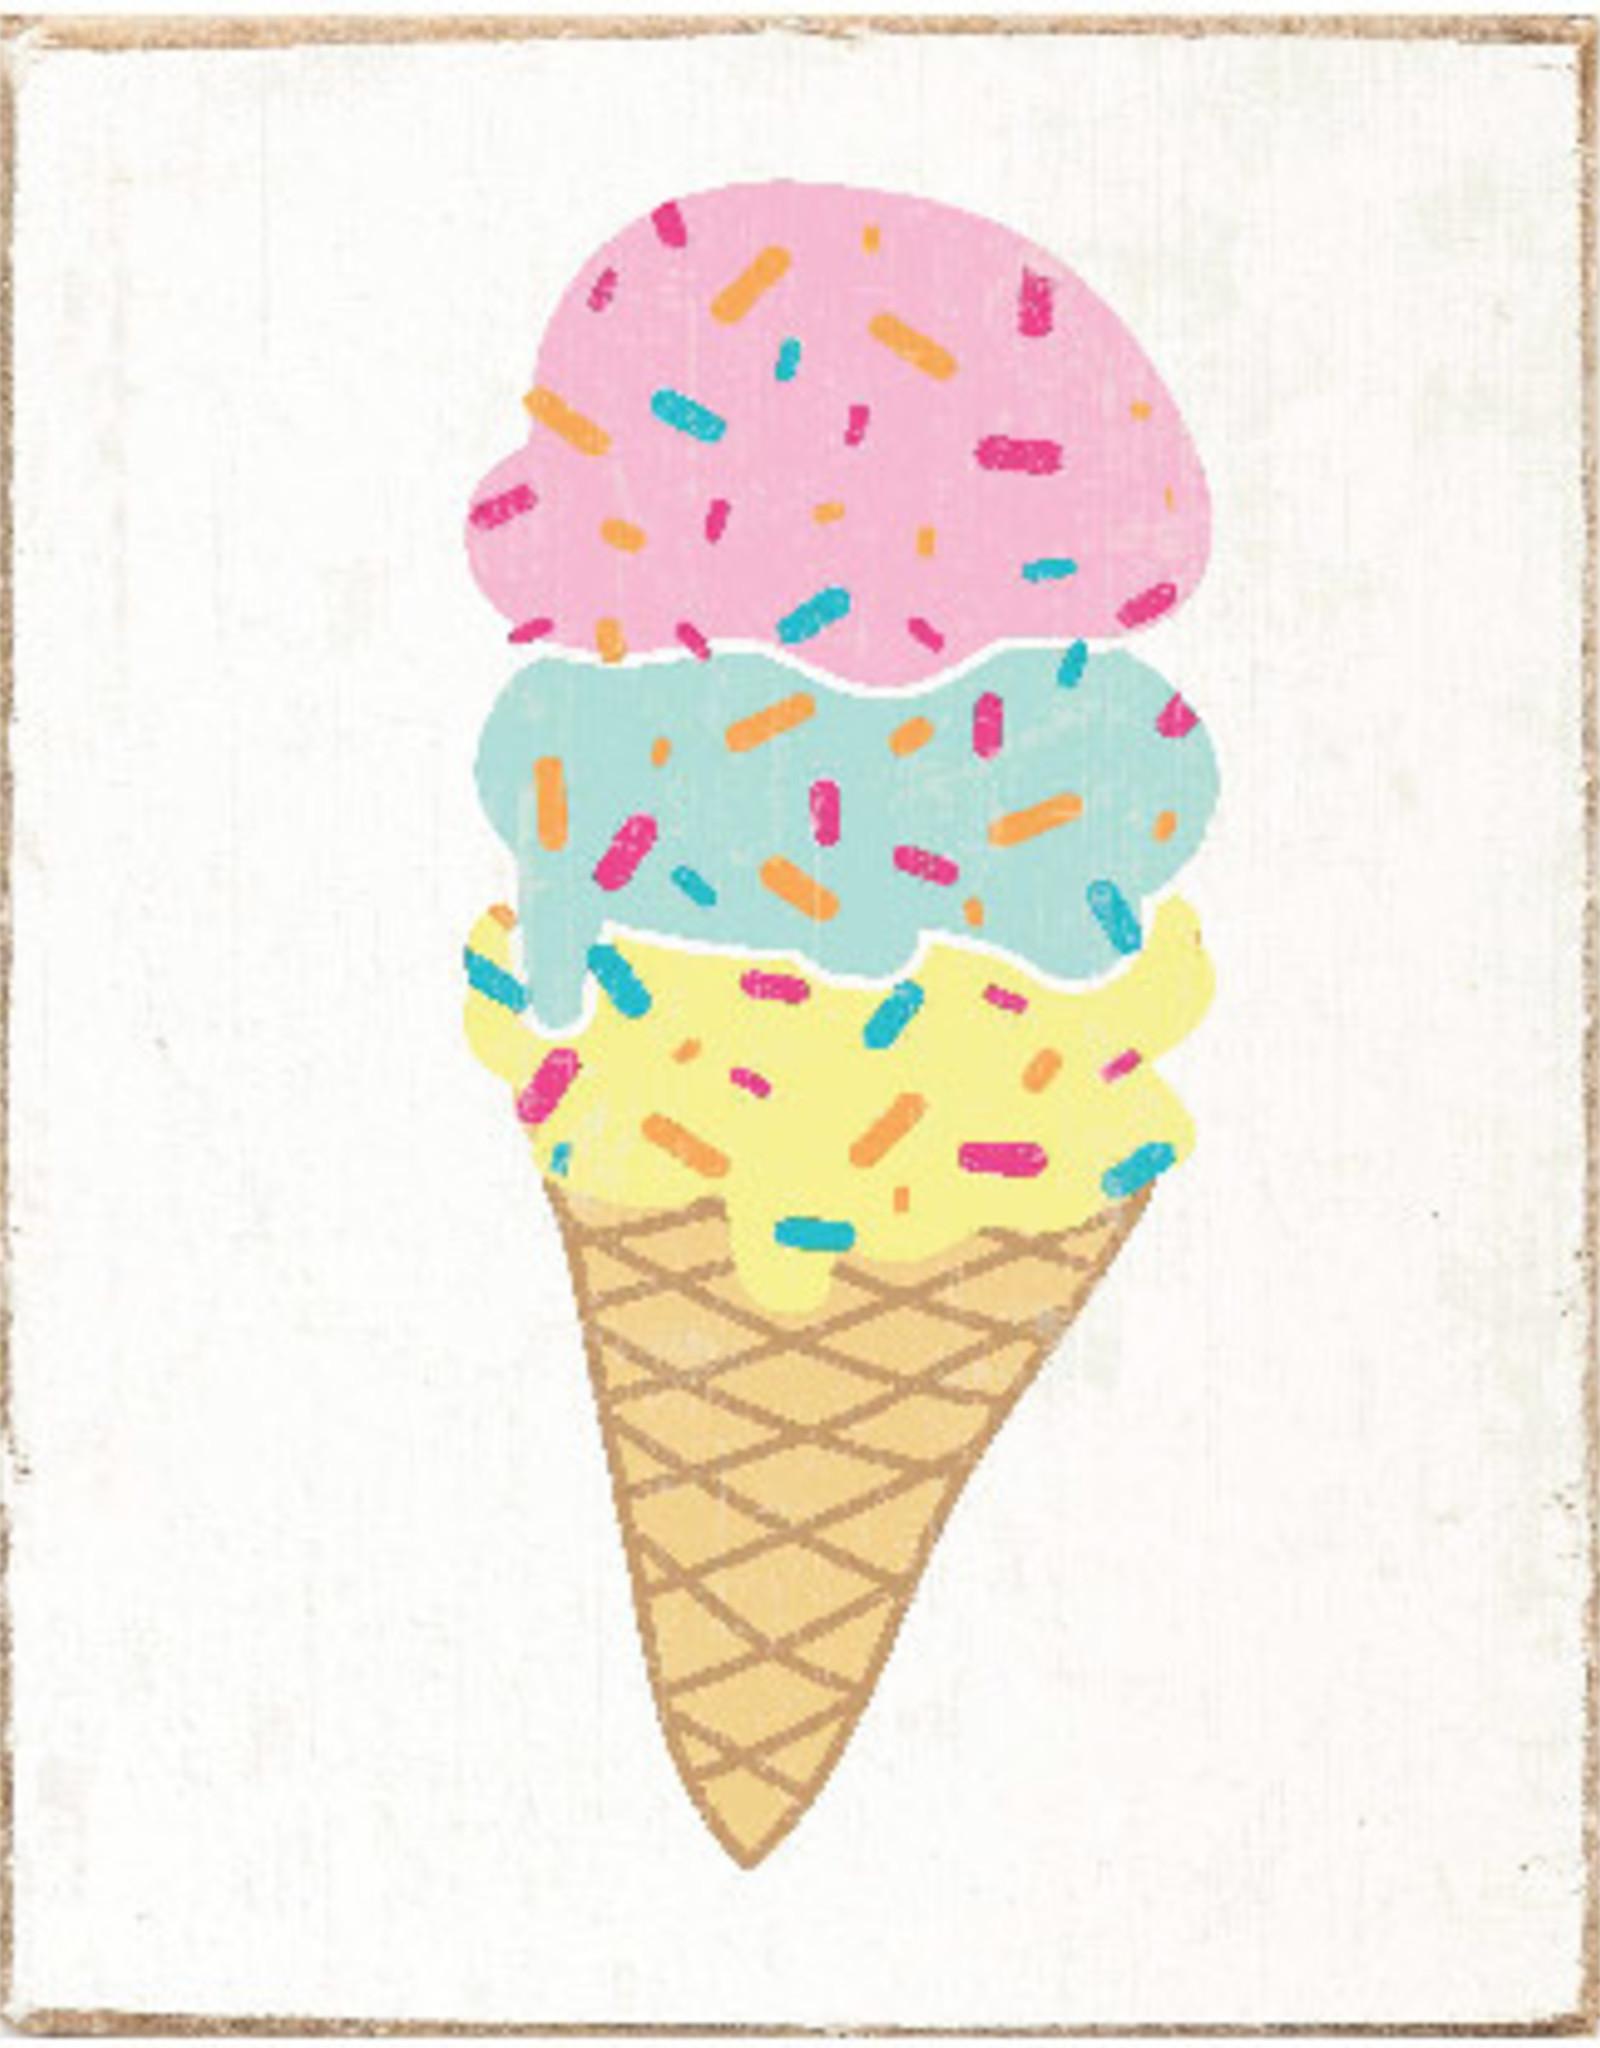 Rustic Marlin Rustic Marlin - Symbol Blocks Ice Cream